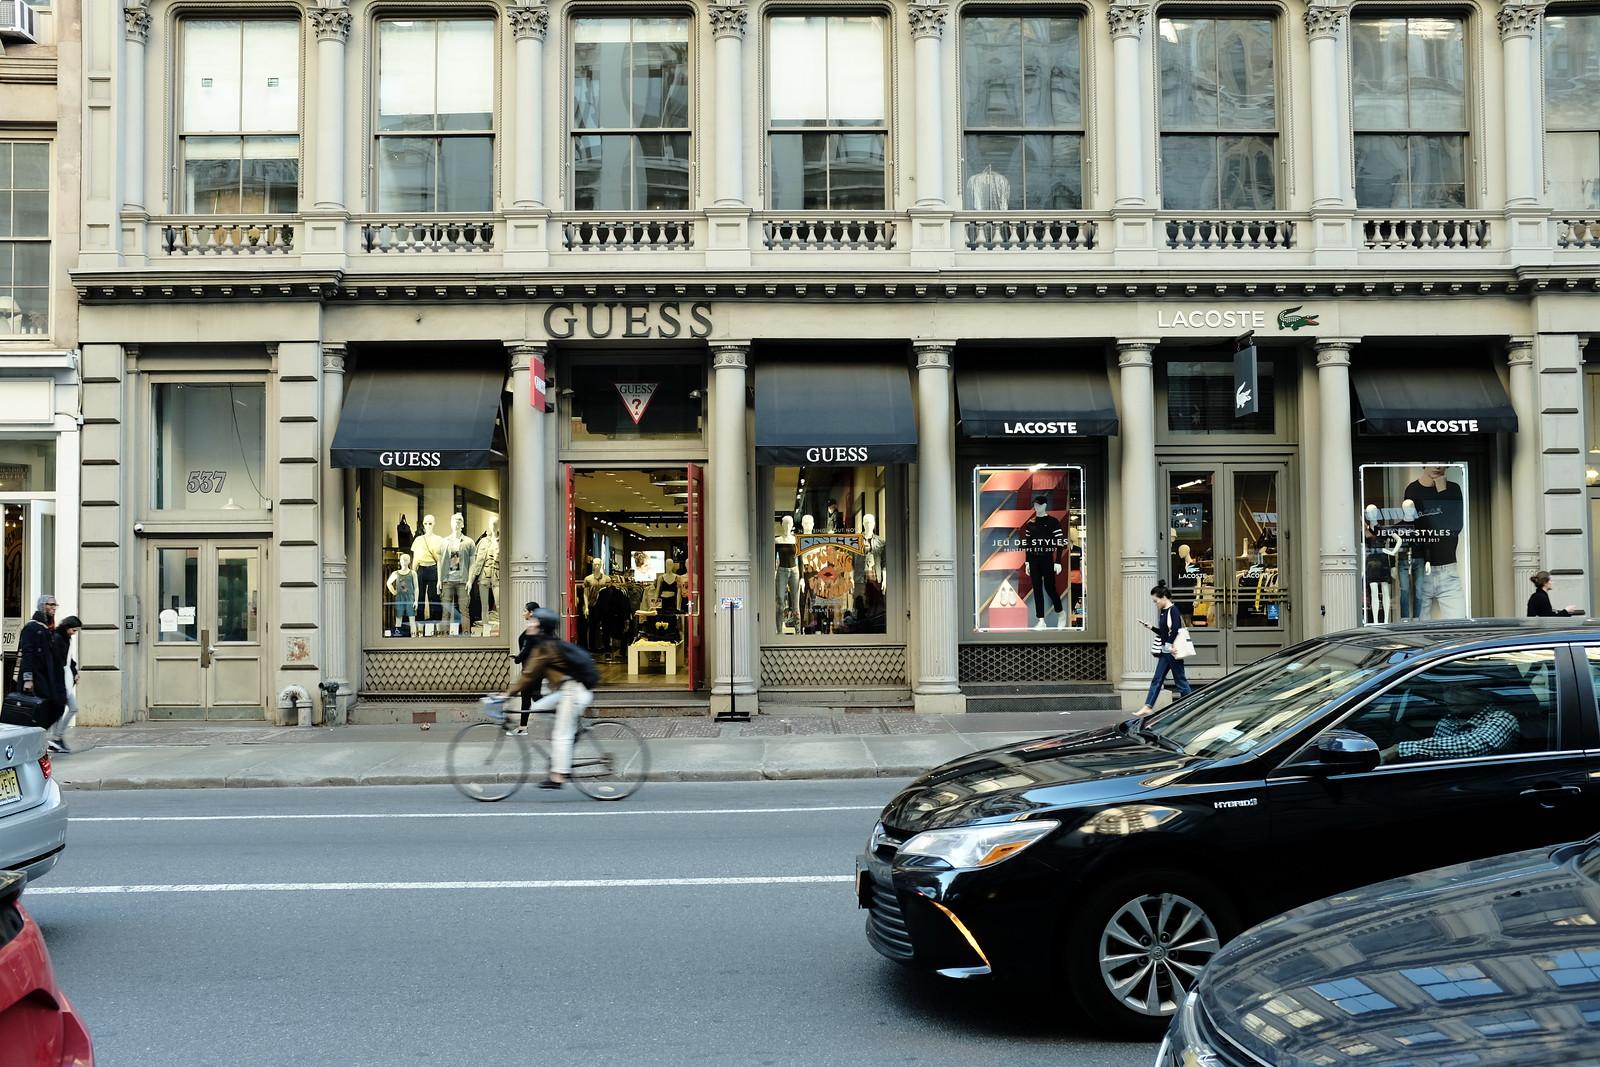 The New York Soho photo by FUJIFILM X100S.